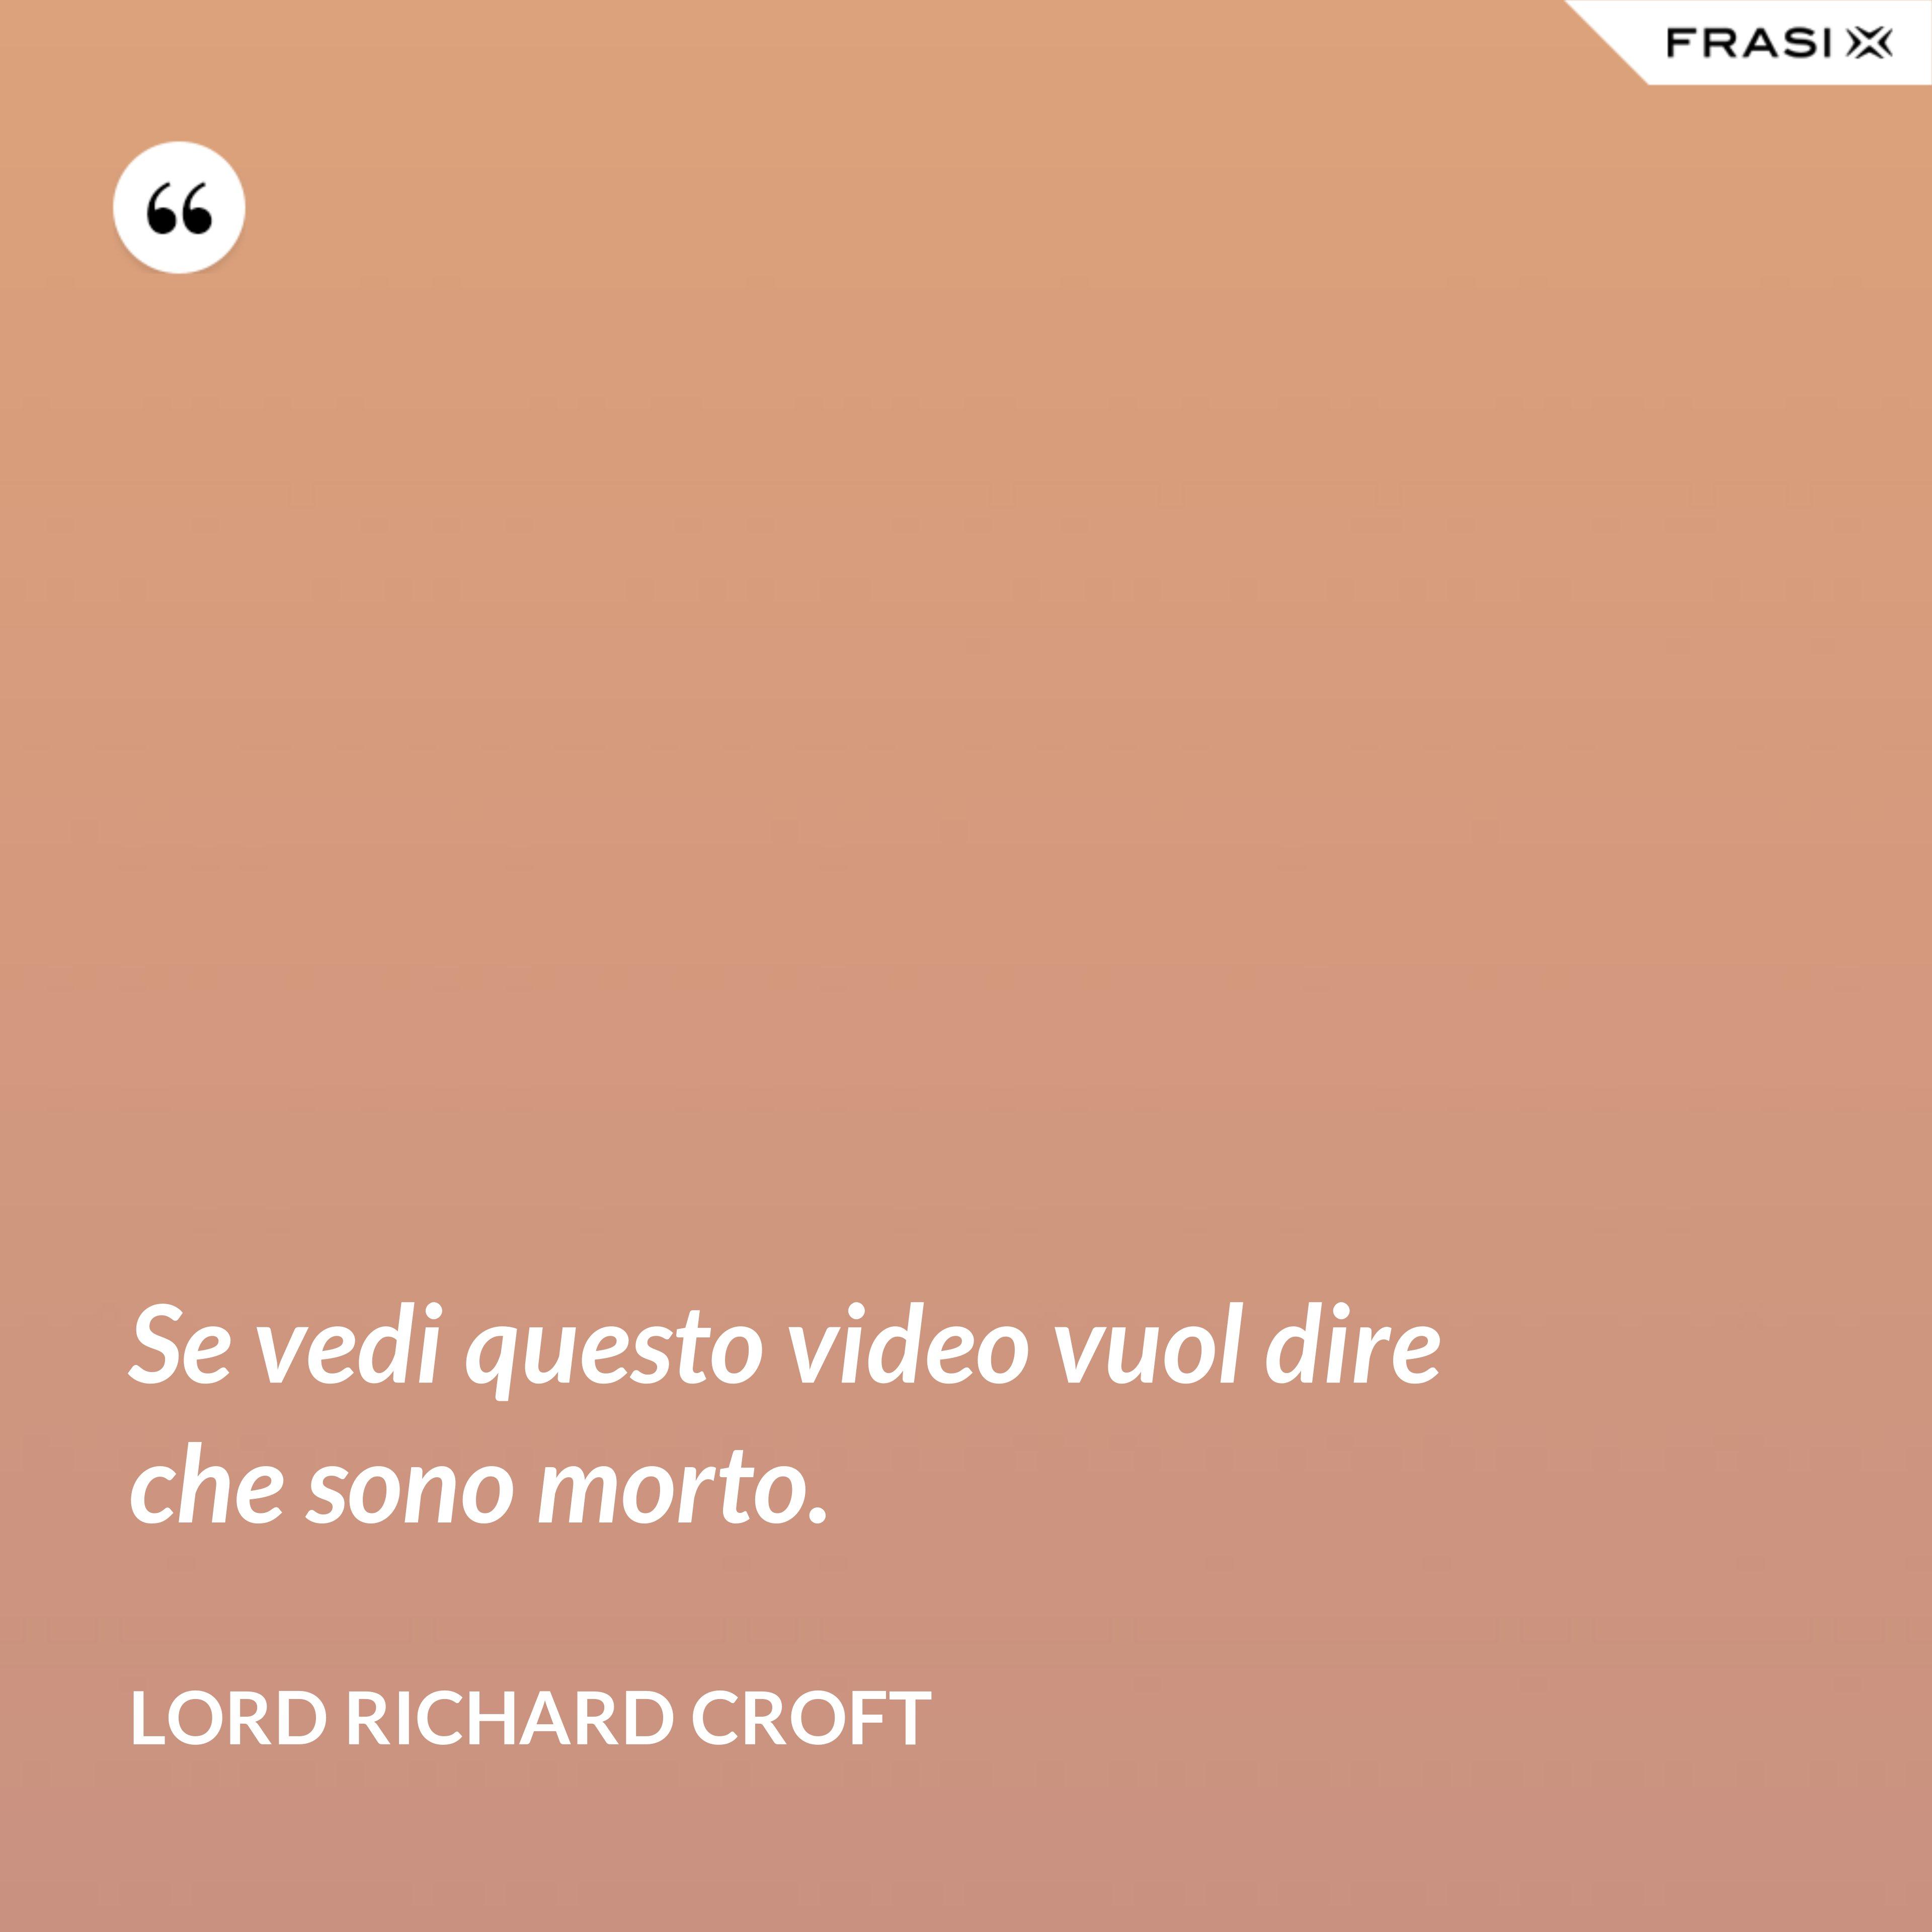 Se vedi questo video vuol dire che sono morto. - Lord Richard Croft